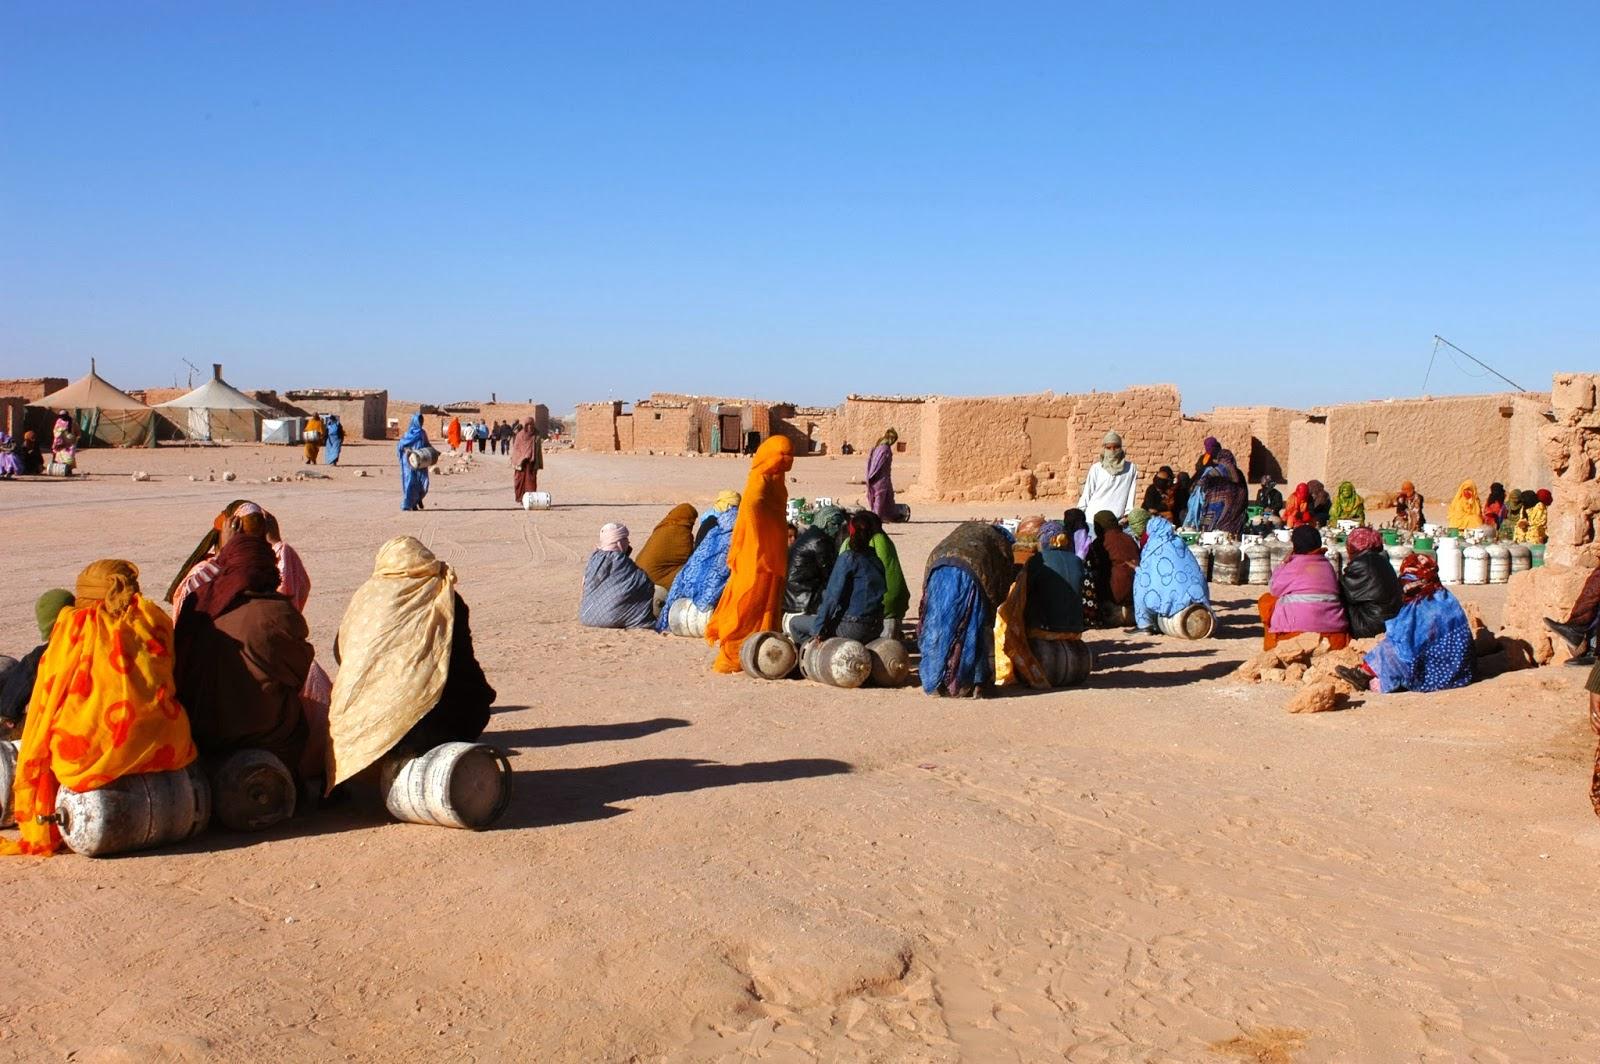 نساء صحراويات محتجزات في مخيمات تندوف.. جمعيات إسبانية تدخل على الخط